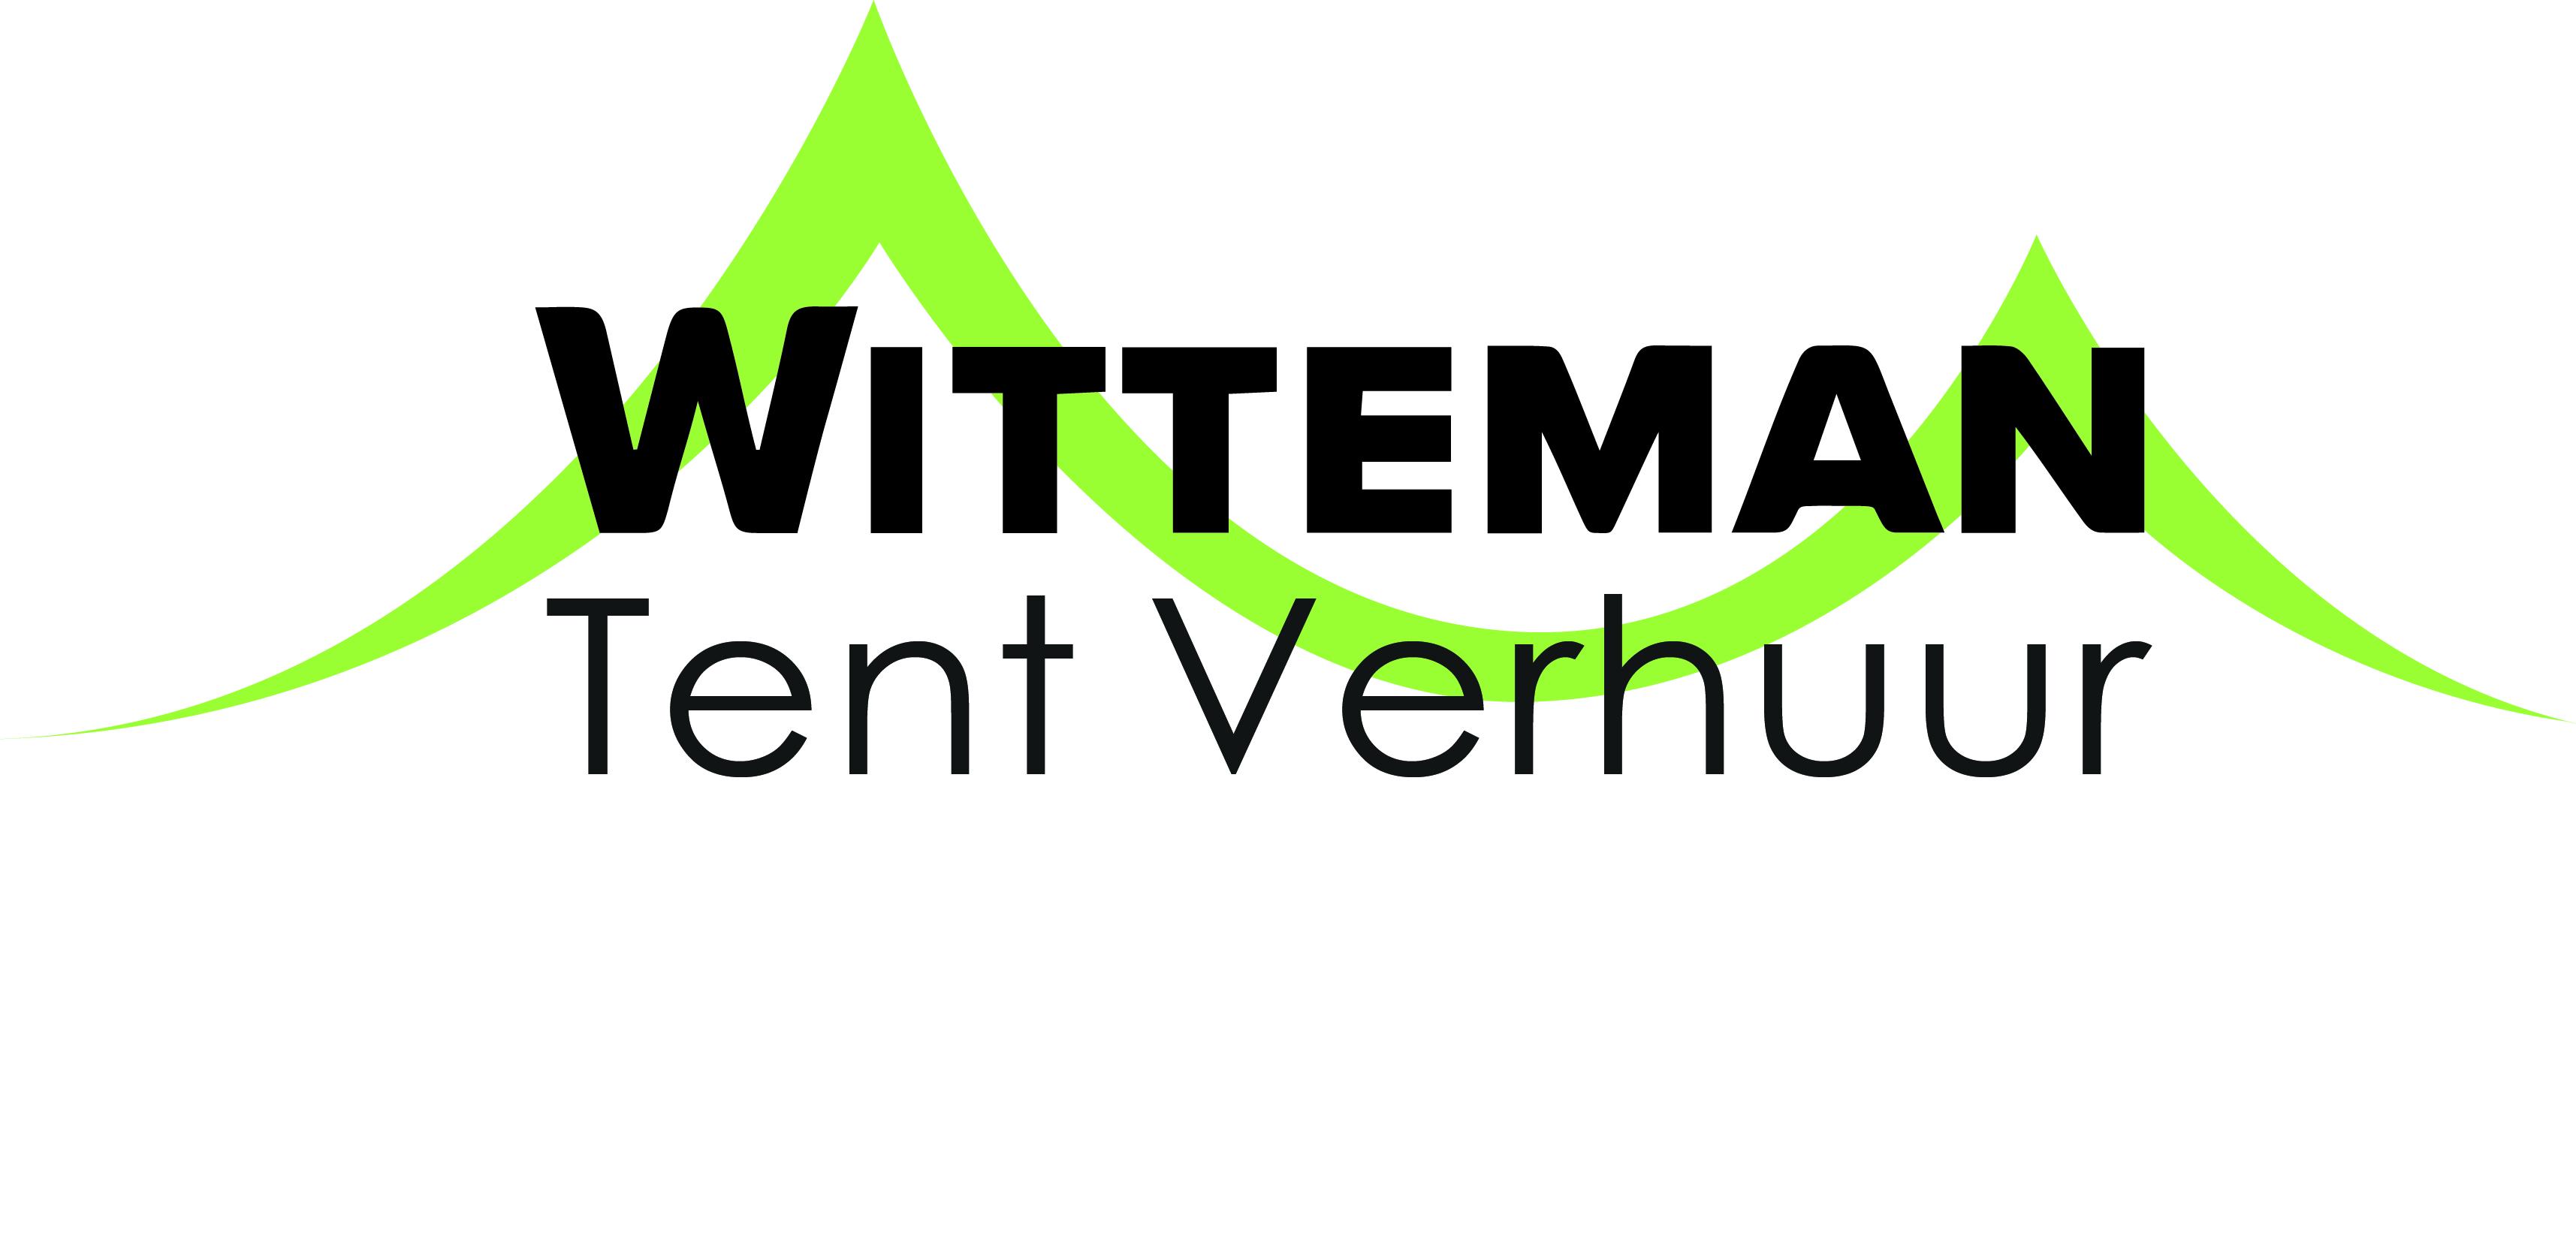 Witteman Tent Verhuur